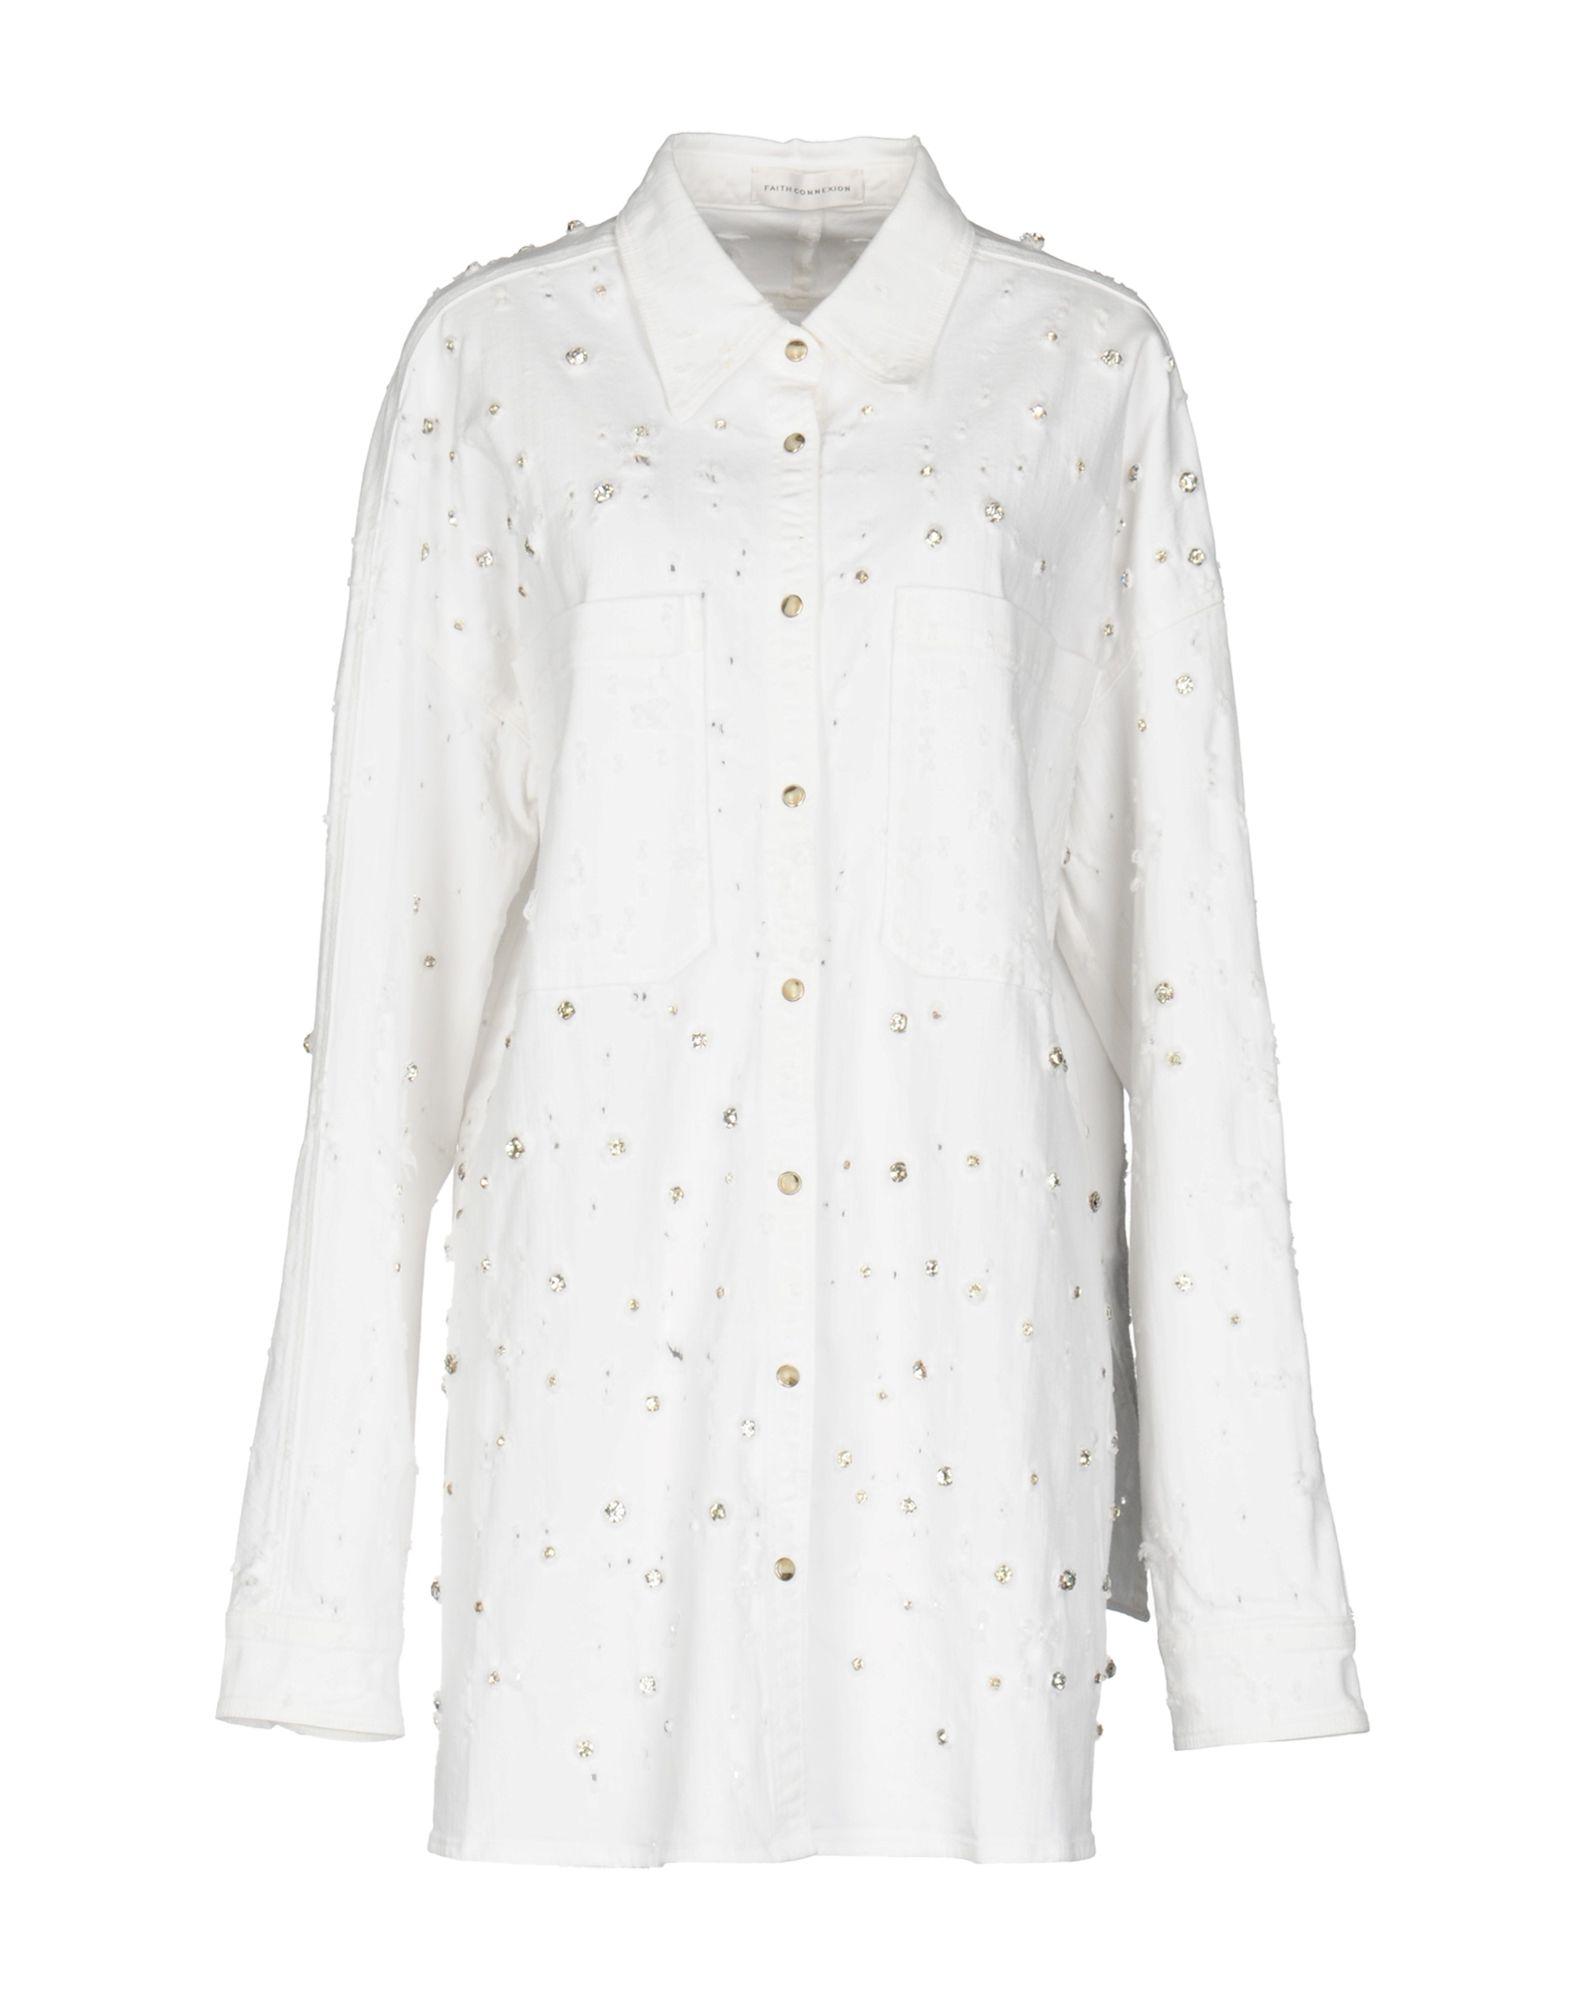 Фото FAITH CONNEXION Джинсовая верхняя одежда. Купить с доставкой